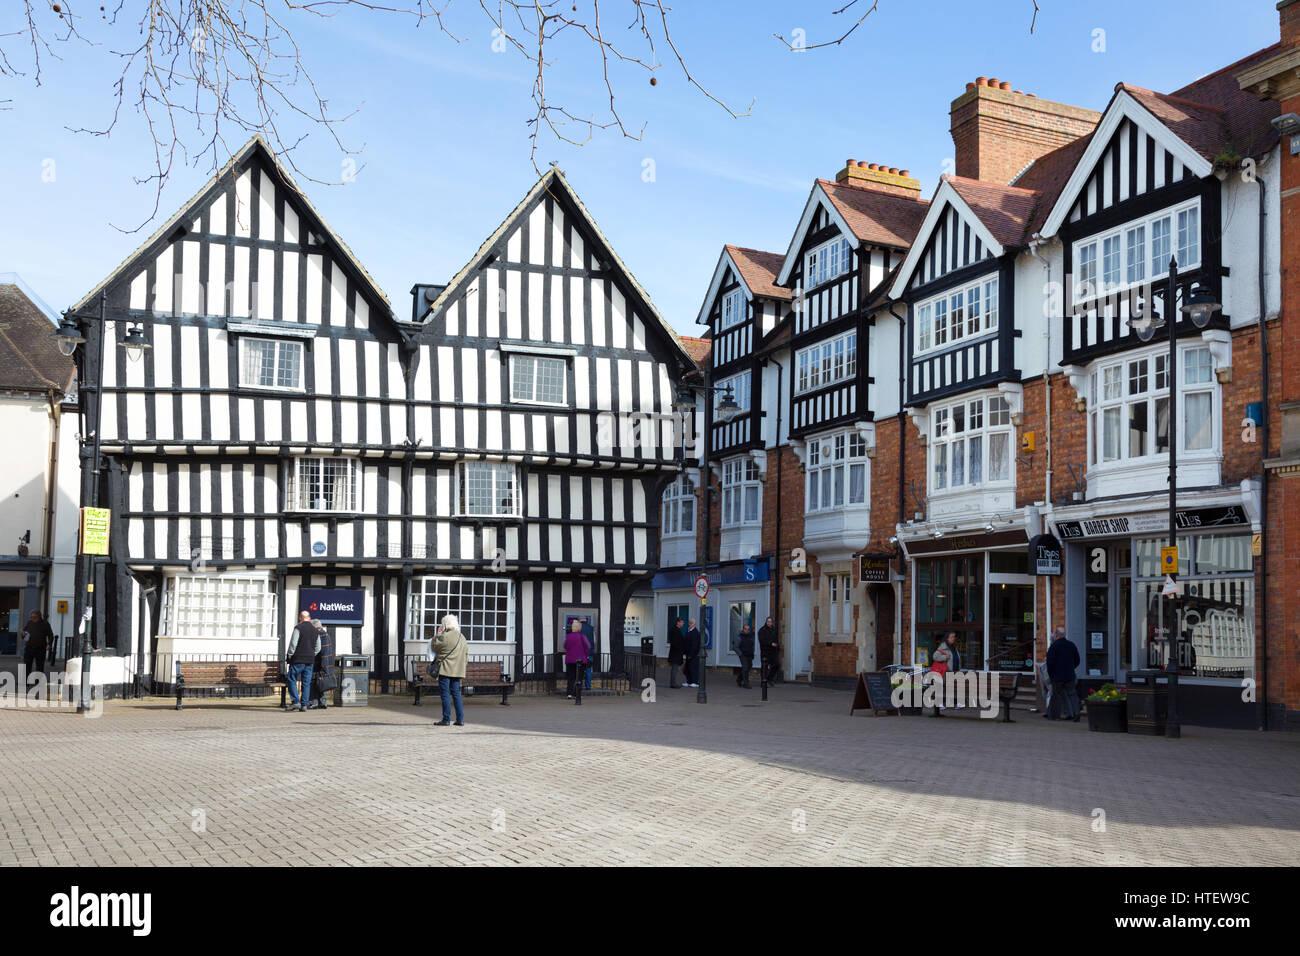 Evesham UK - medieval buildings in Evesham town centre, Evesham, Worcestershire England UK - Stock Image